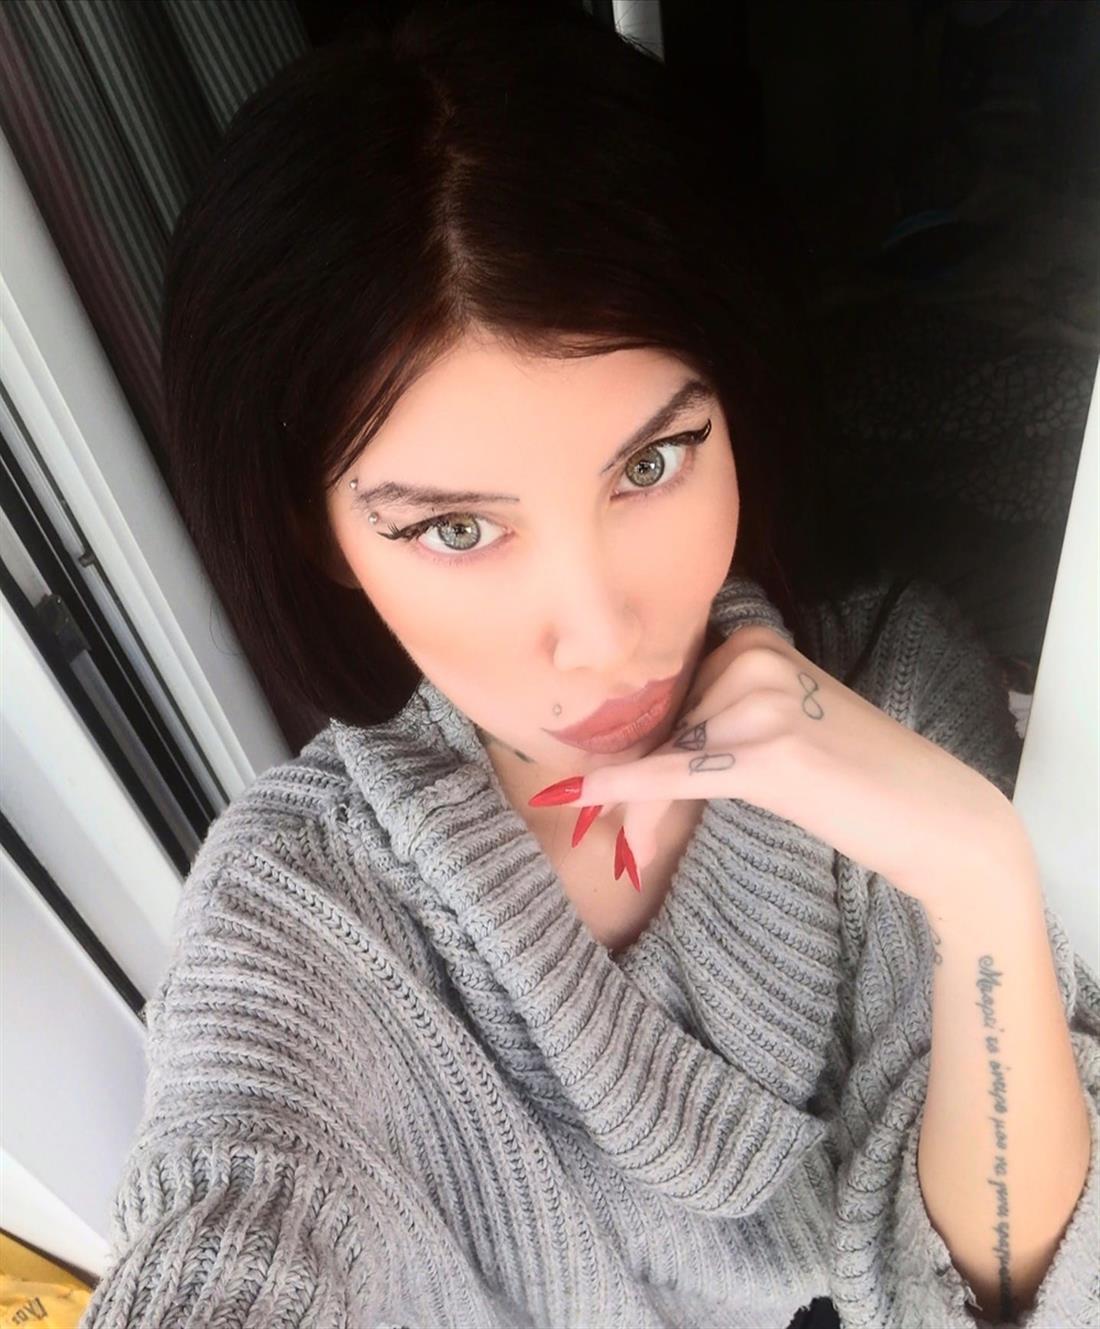 Μαρία Αλεξάνδρου